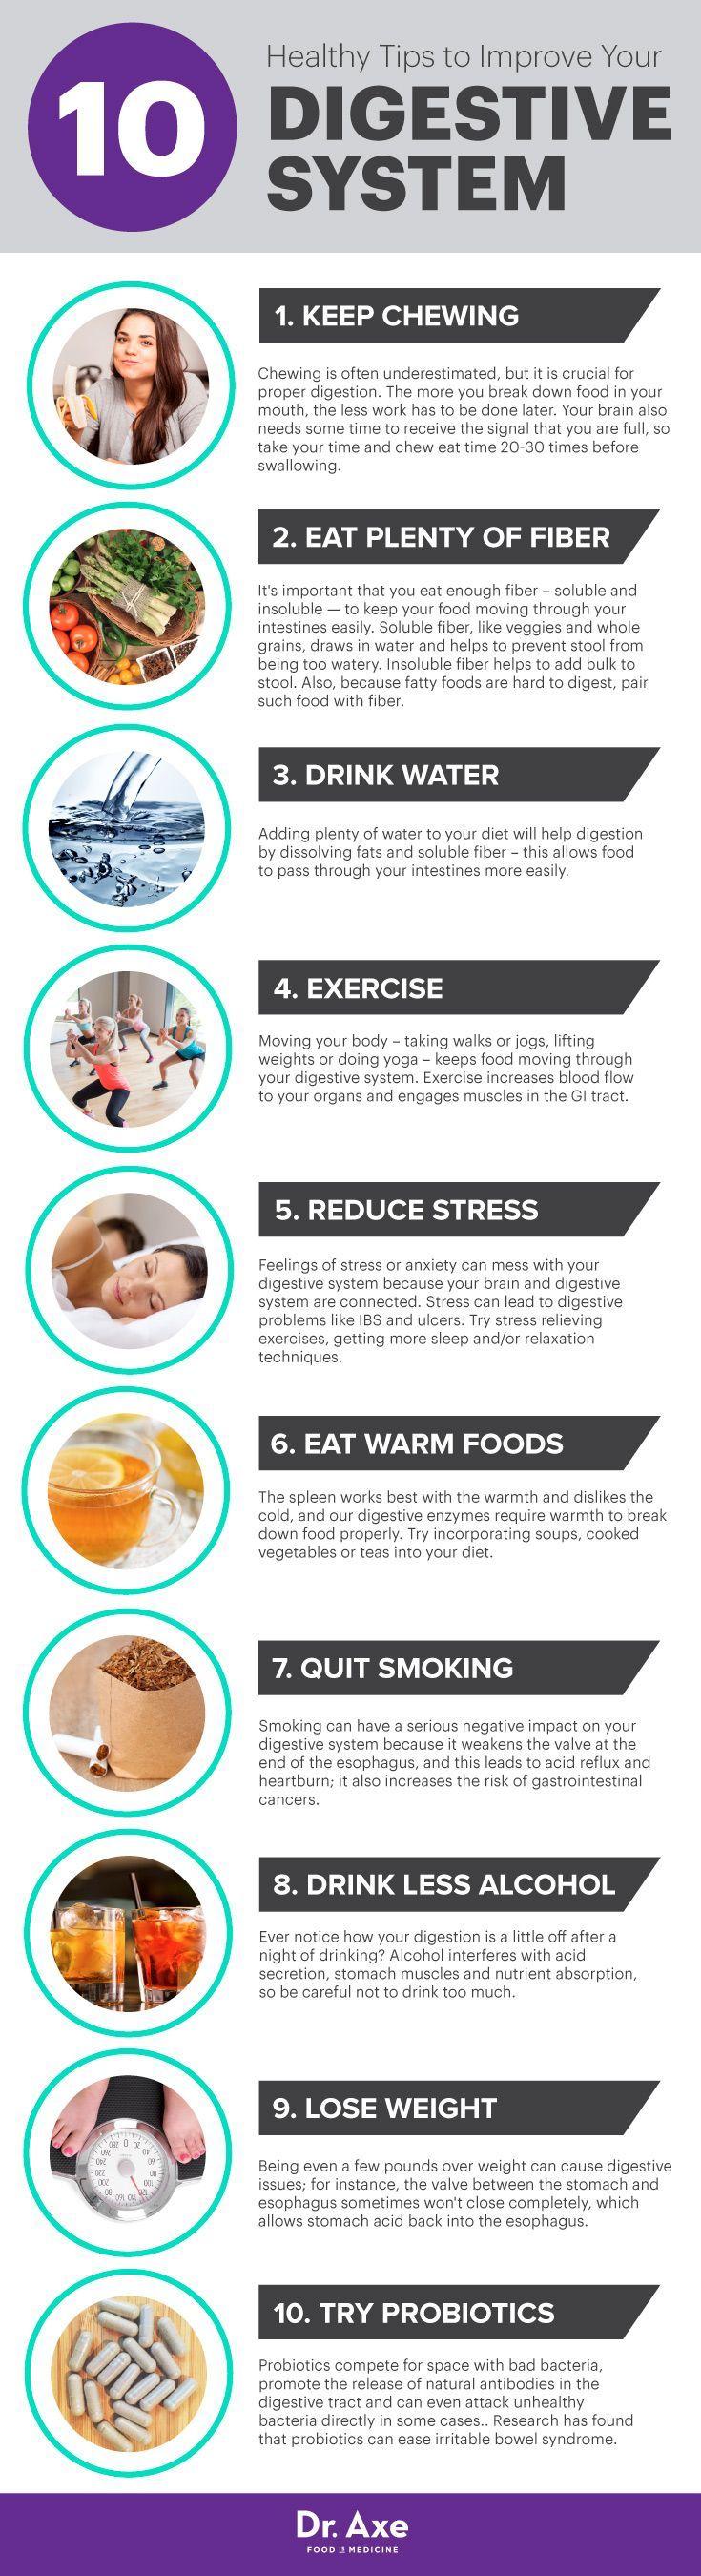 Forms yoga, false advertising weight loss programs for women September